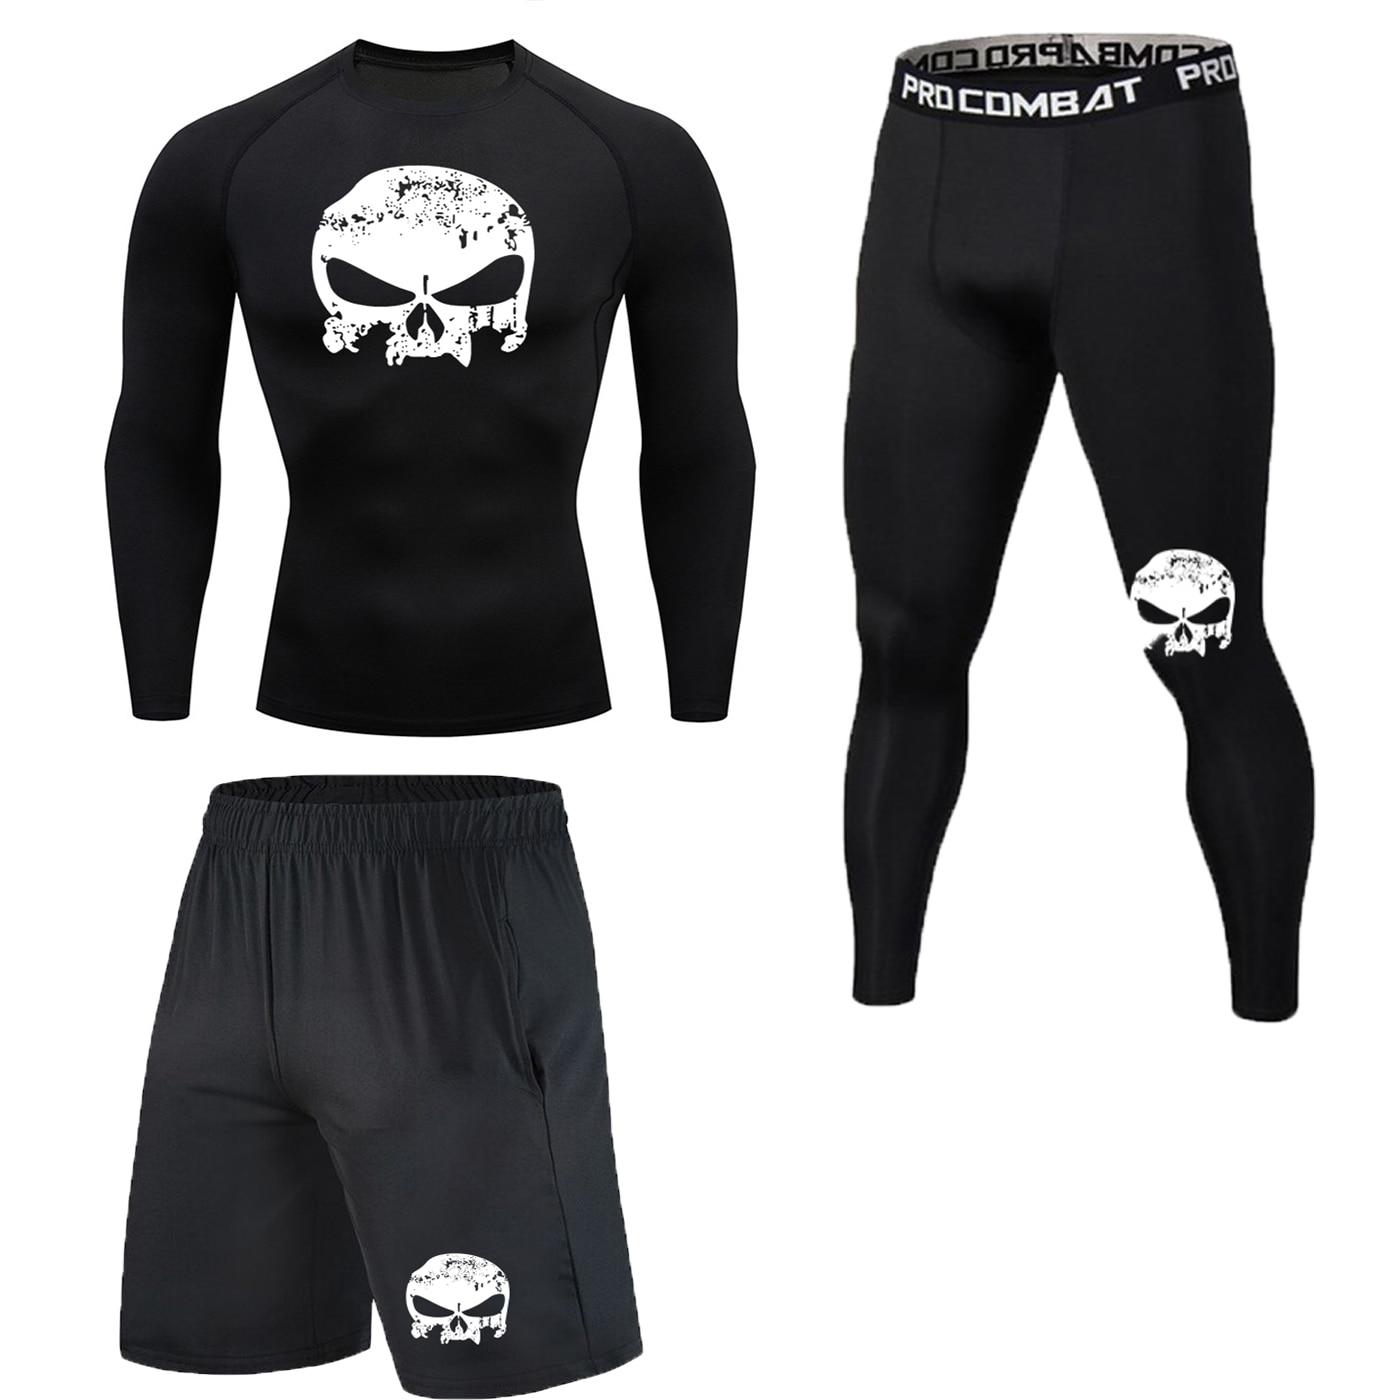 Nova Roupa De Compressão Exercício Terno Esportes Terno Masculino Corrida Rápida Corrida Esporte Treinamento De Ginástica Dress